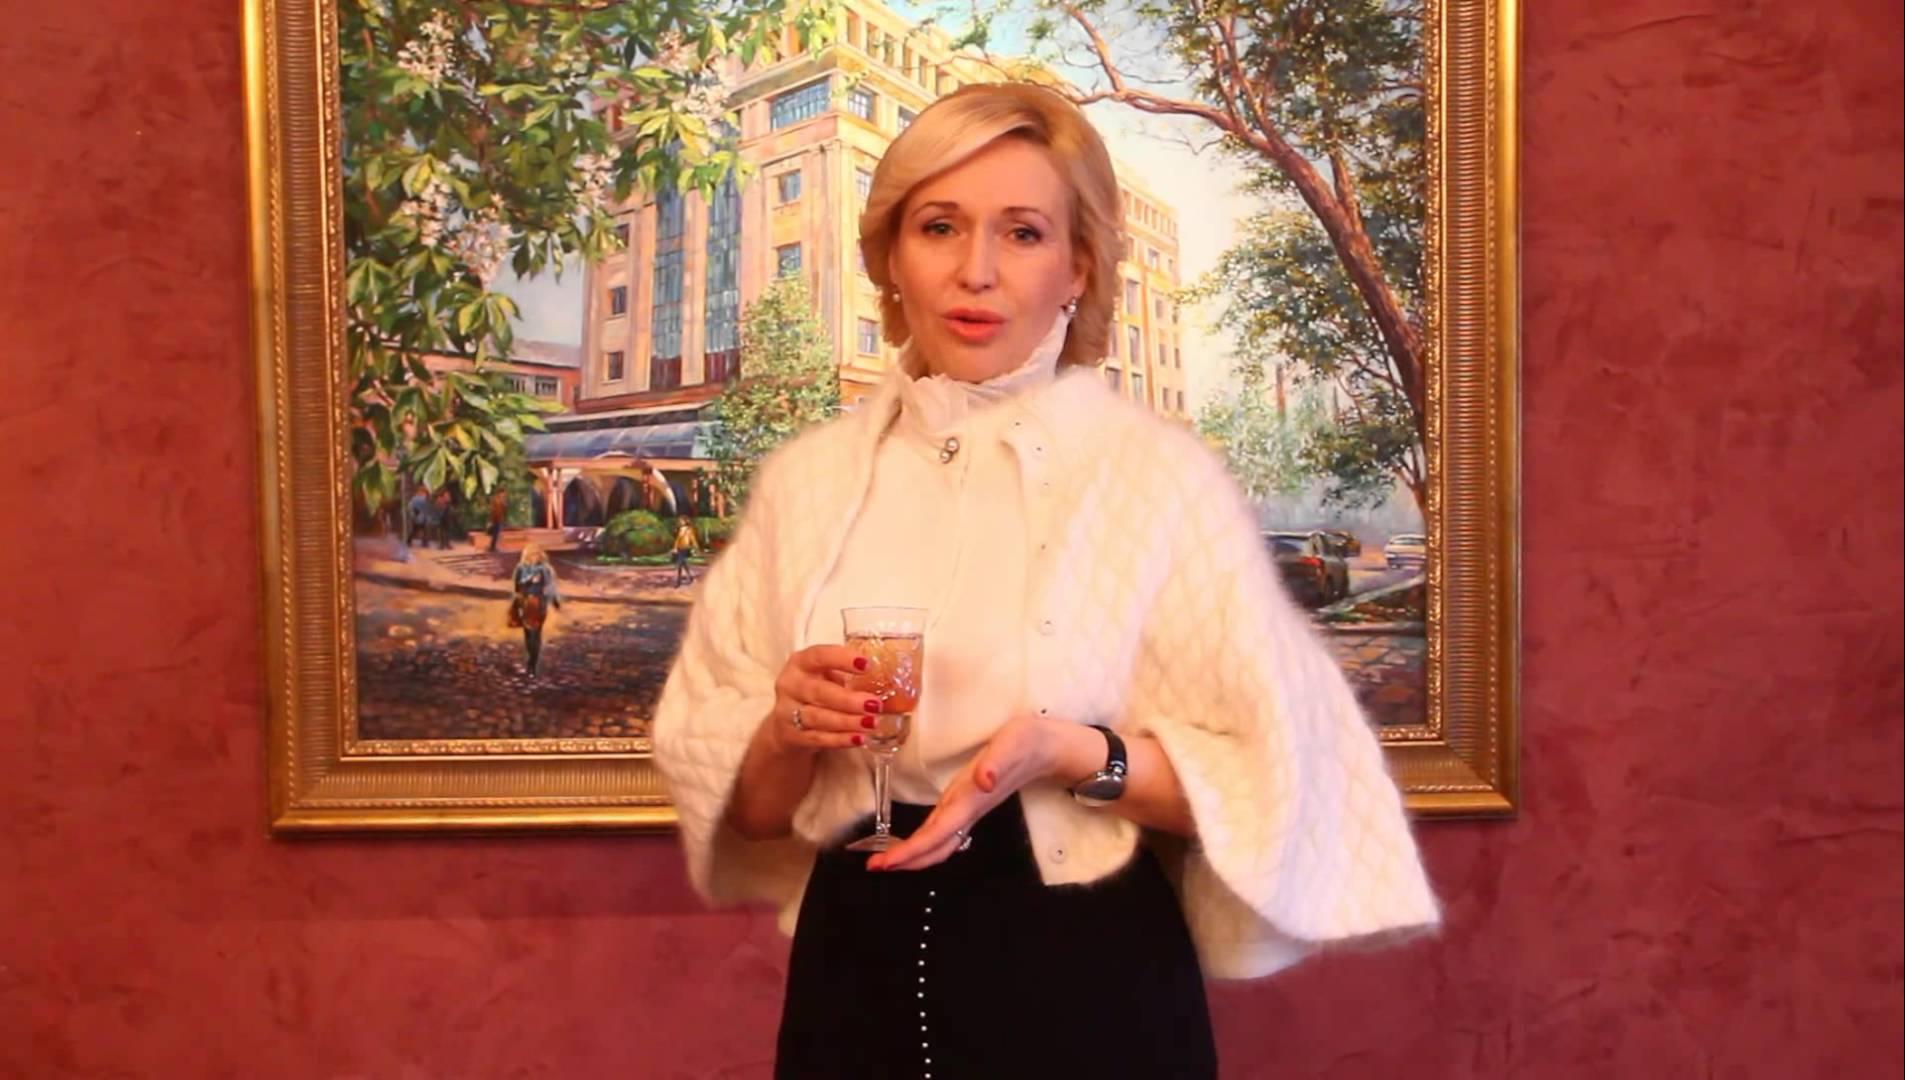 Жена пойманного в «ДНР» на взятках первого зама «мэра» Донецка собралась в Госдуму России от КПРФ (Фото)